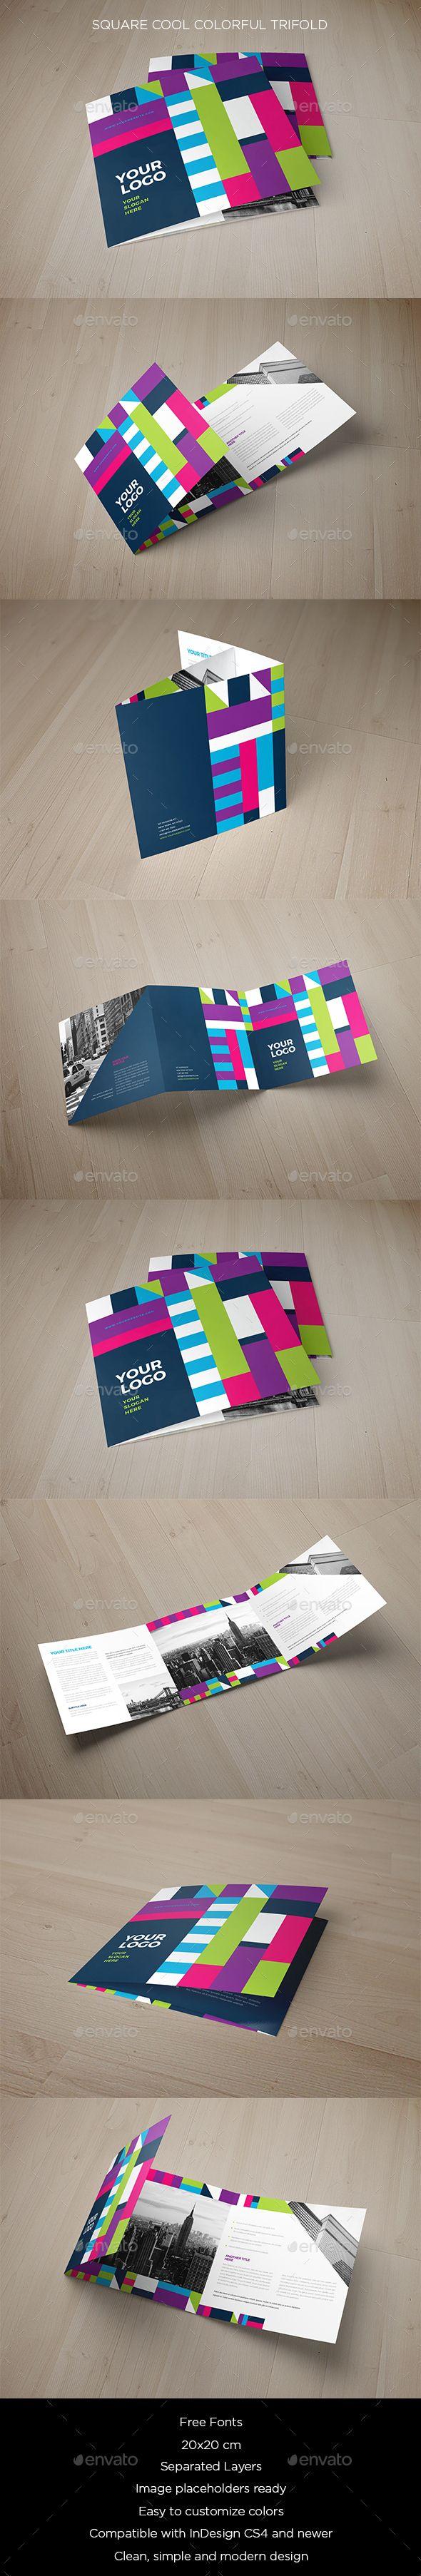 Square Cool Colorful Trifold | Folletos y Comunicacion